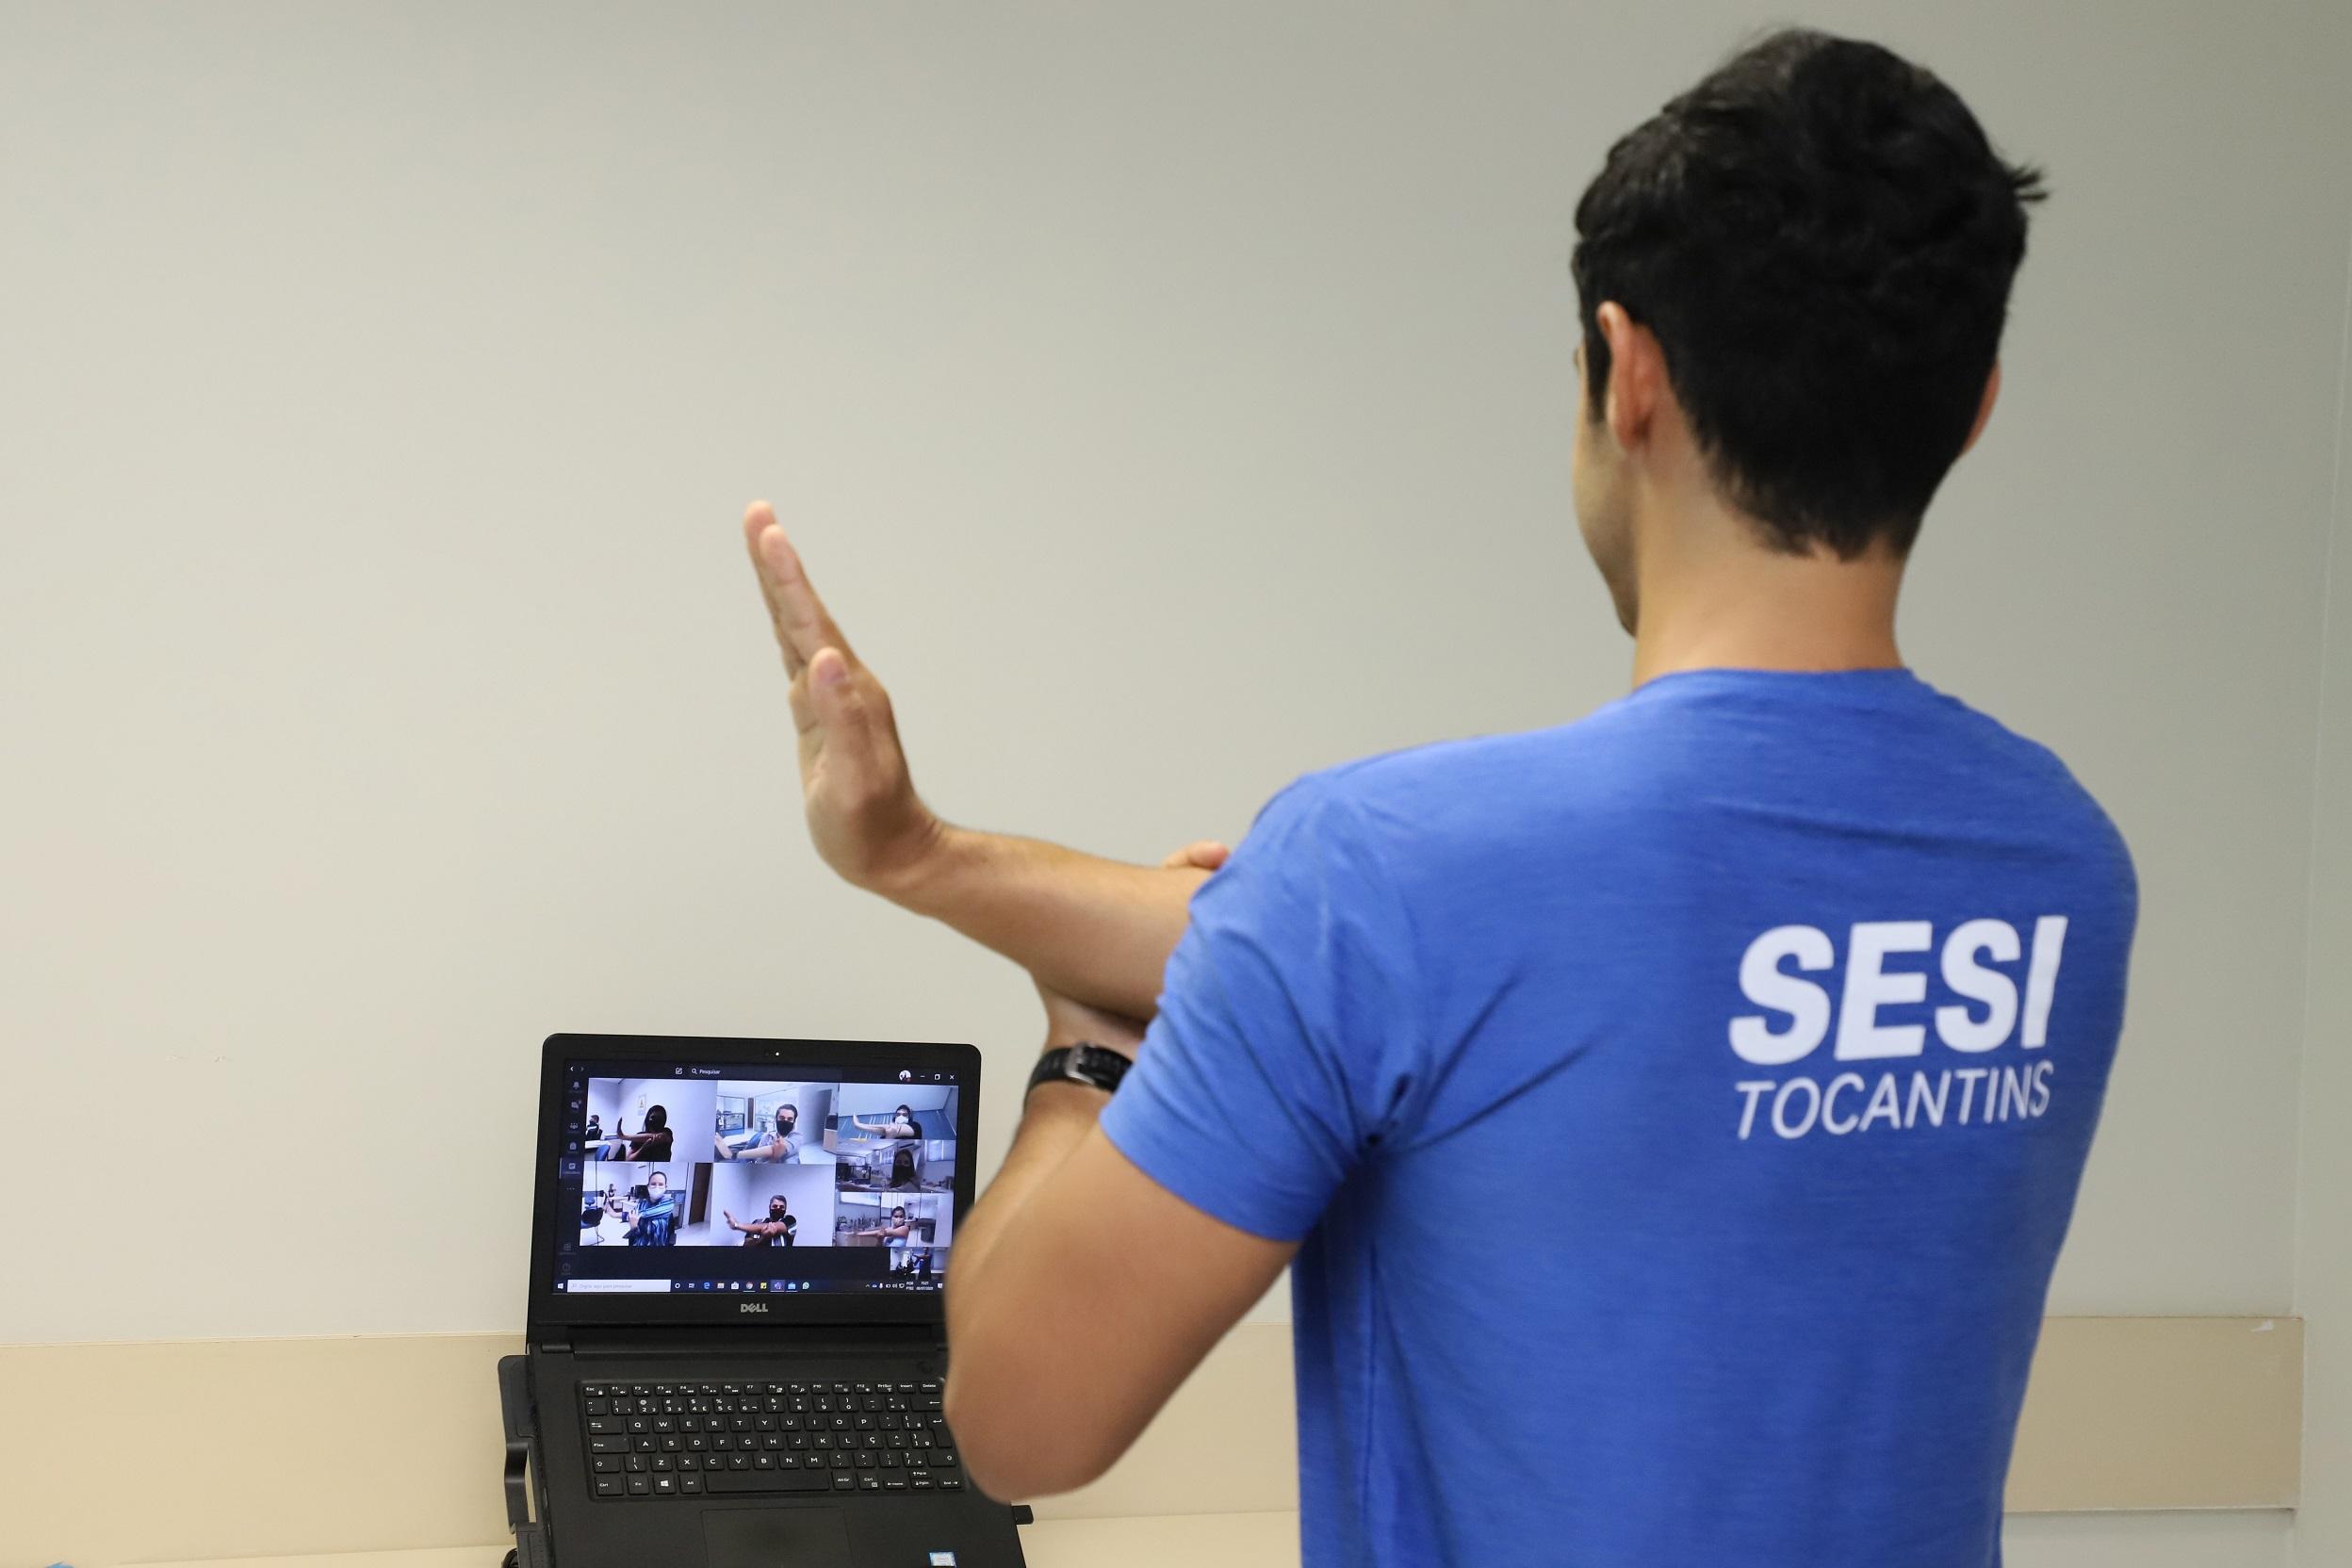 SESI leva ginástica laboral às indústrias por meio de plataforma online